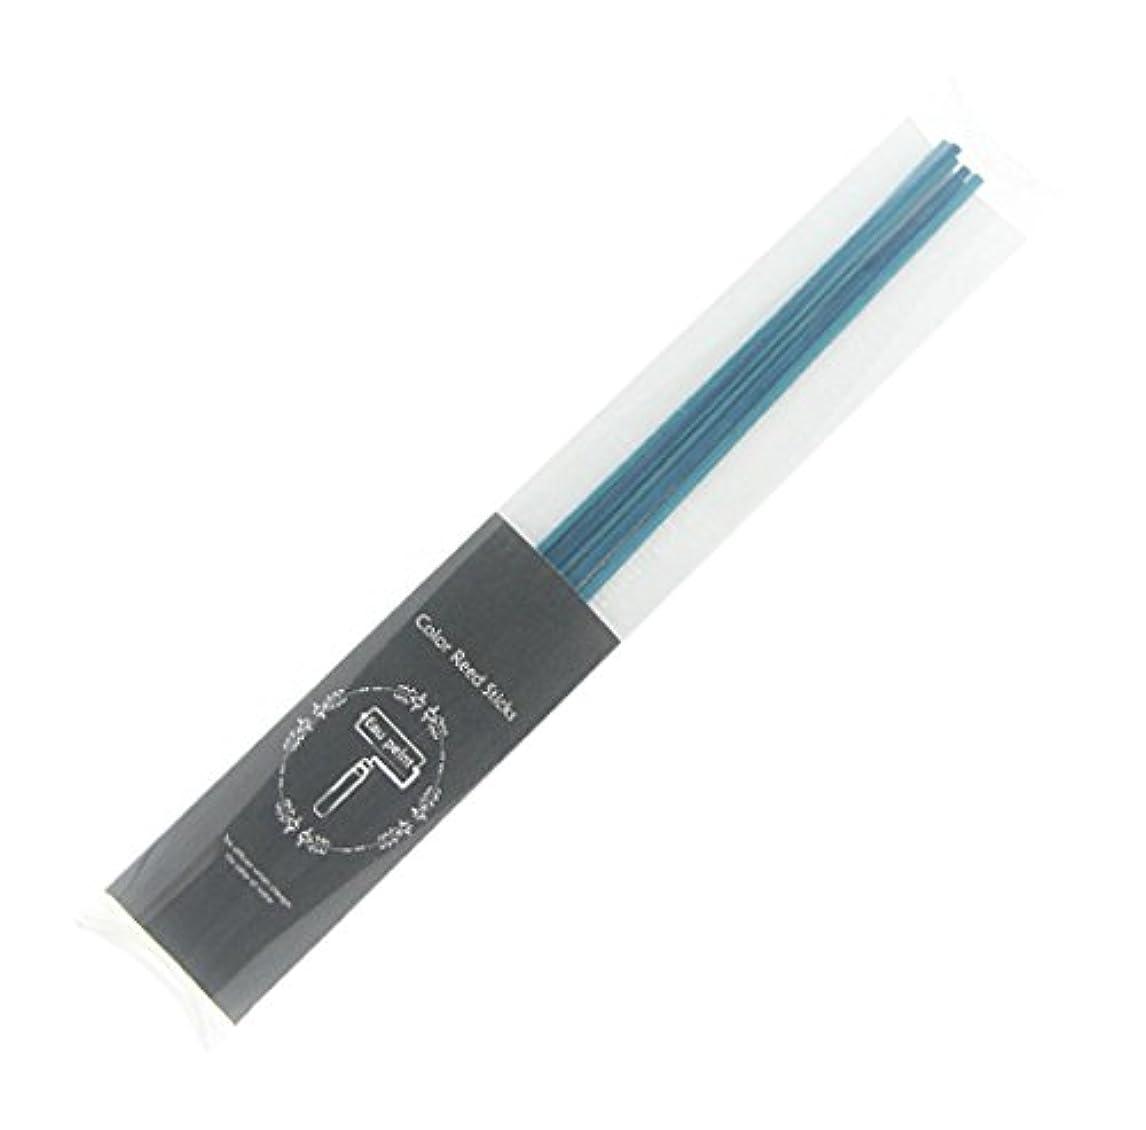 かんがい説教はしごEau peint mais+ カラースティック リードディフューザー用スティック 5本入 ブルー Blue オーペイント マイス